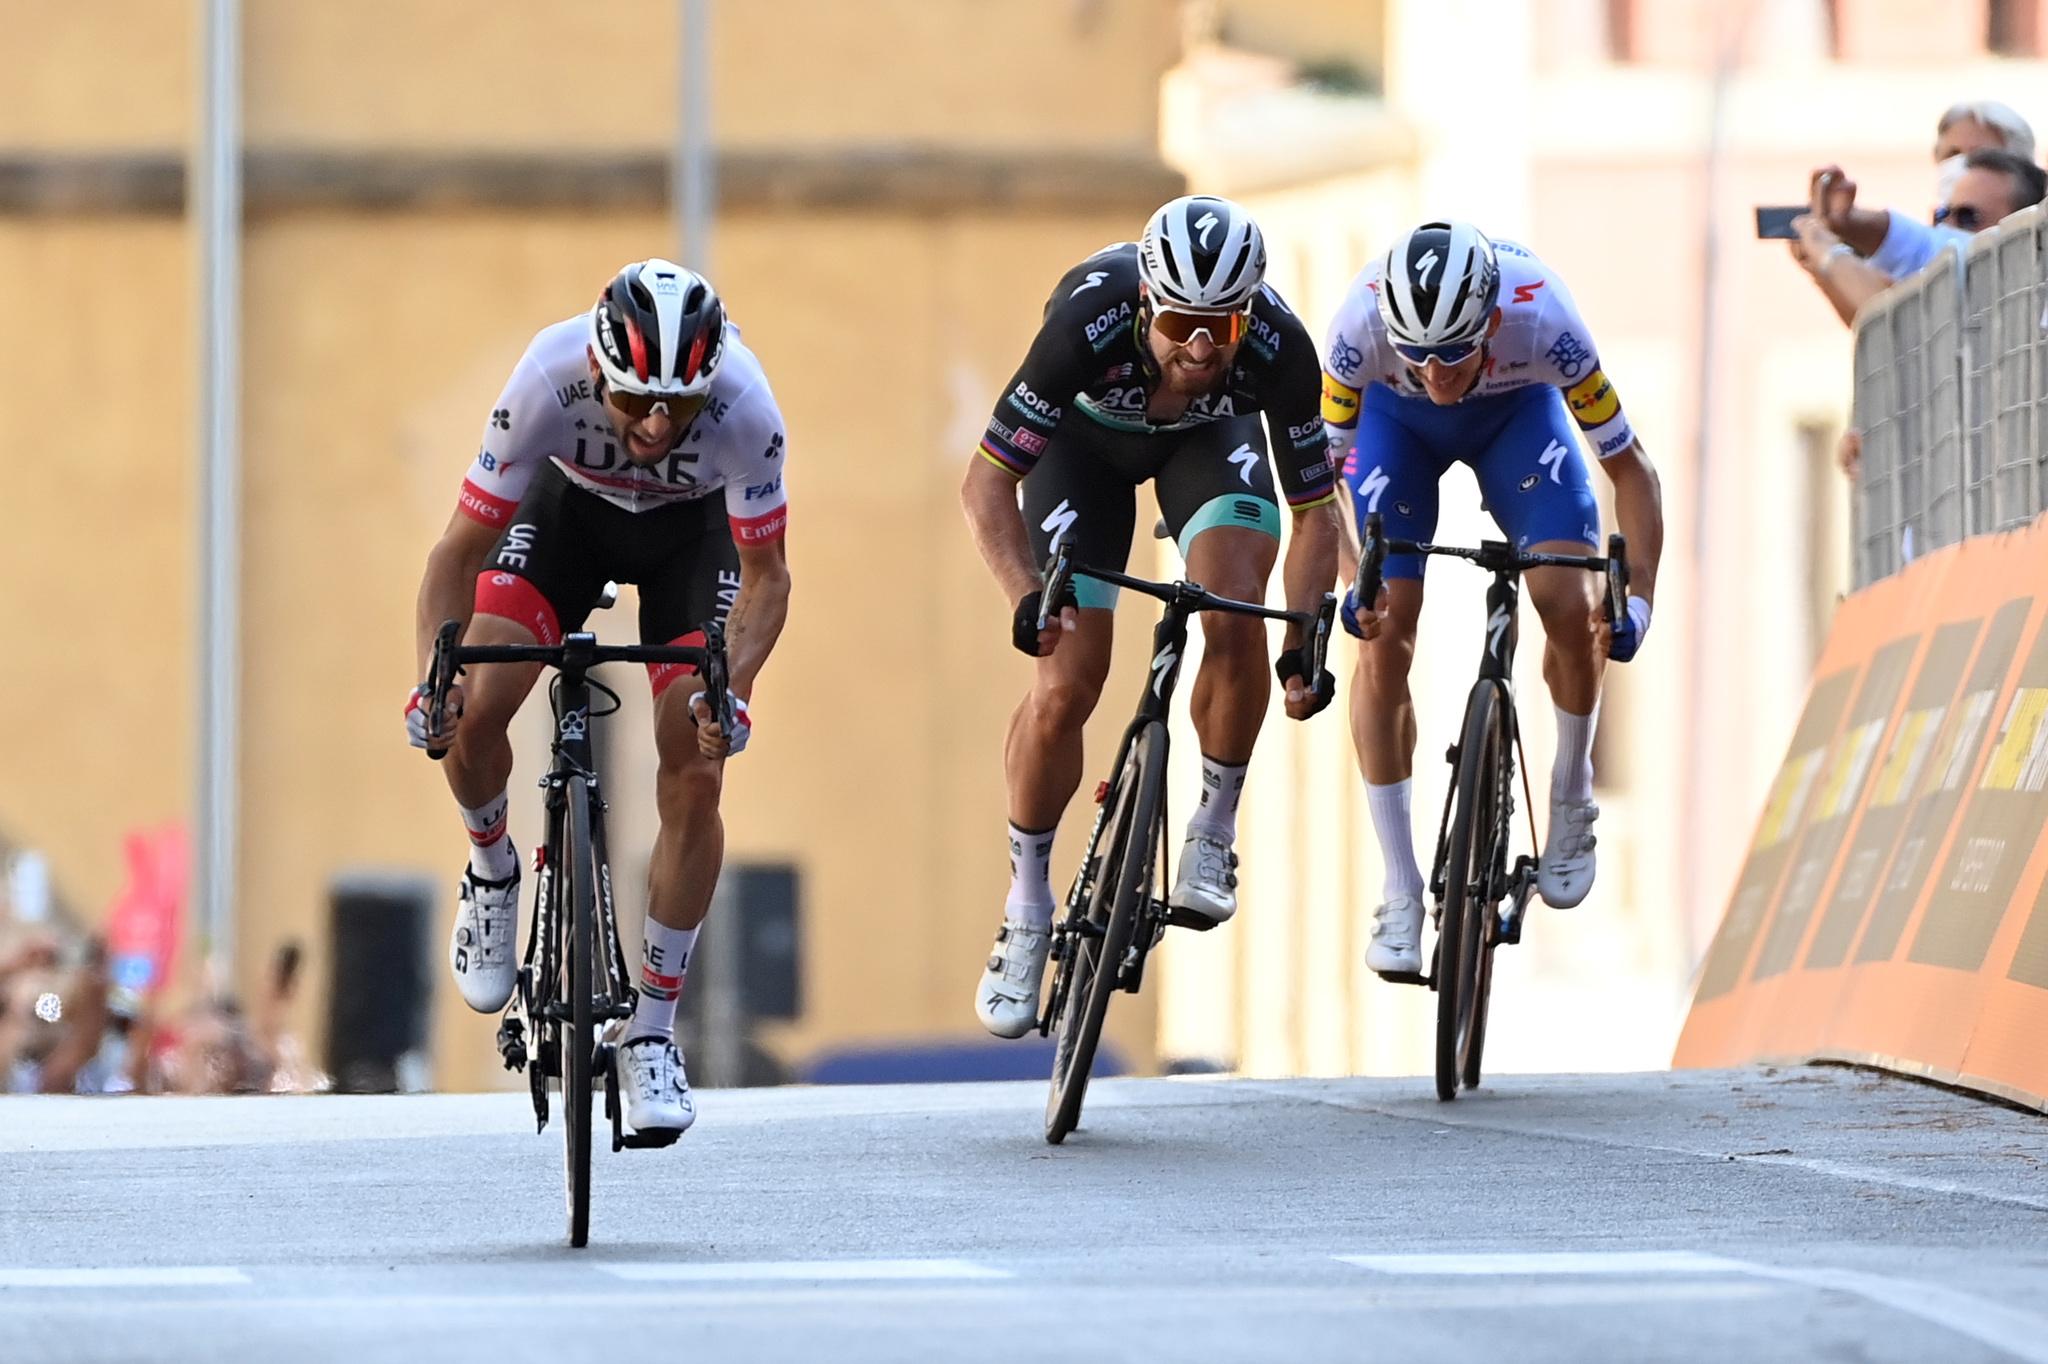 Syvende etapesejr til Diego Ulissi. Dansk tredjeplads